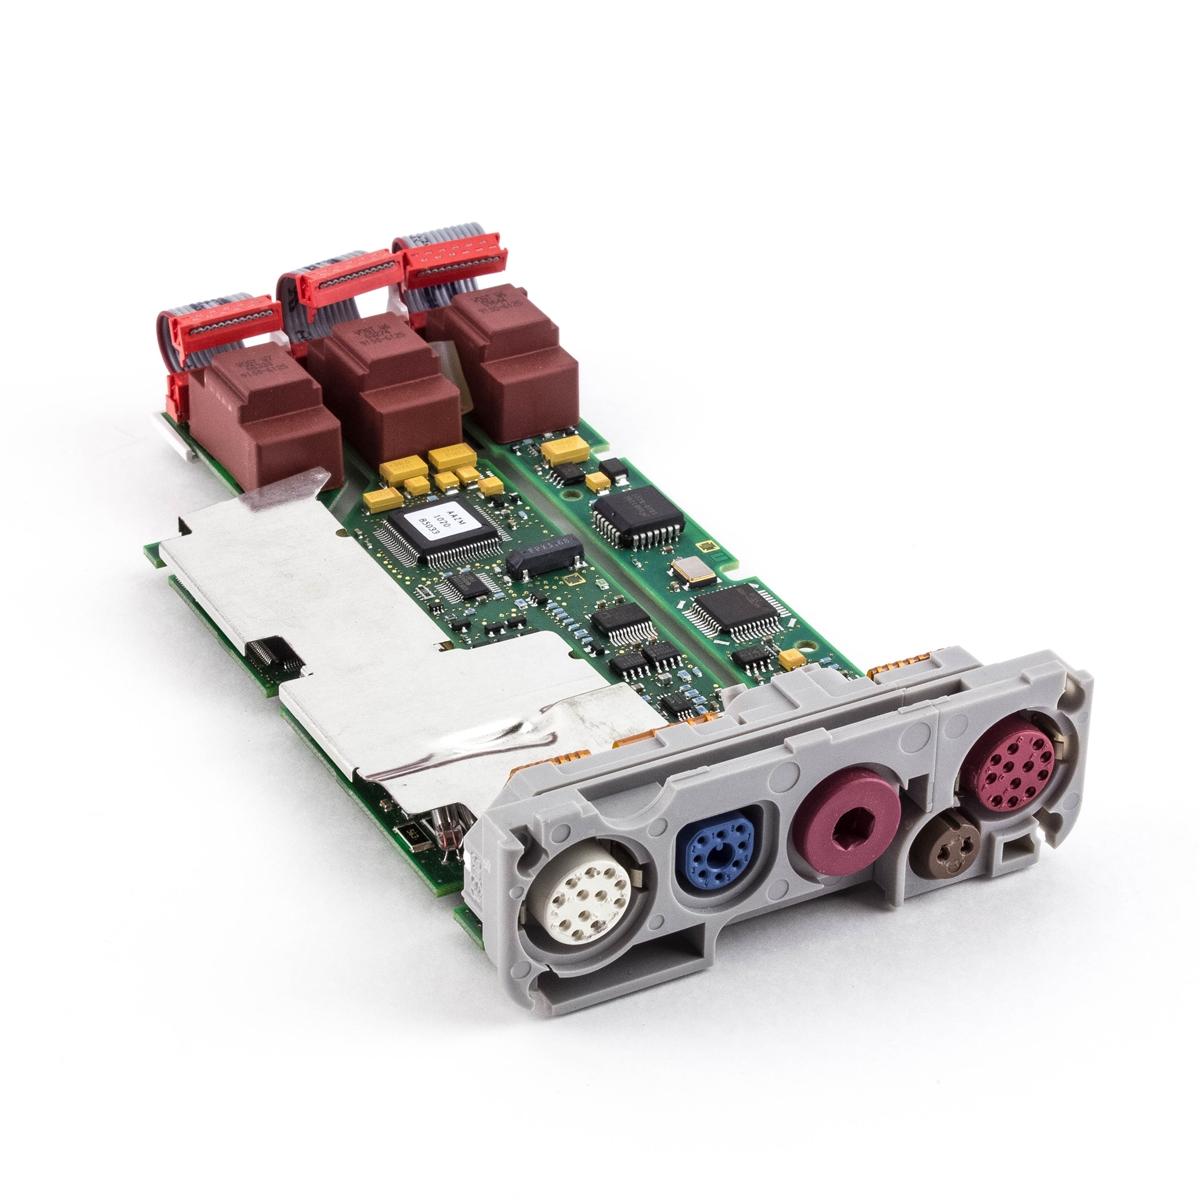 Philips IntelliVue M3001A A02C12 Parameter Boards Nellcor OxiMax SpO2 NiBP 12 Lead ECG